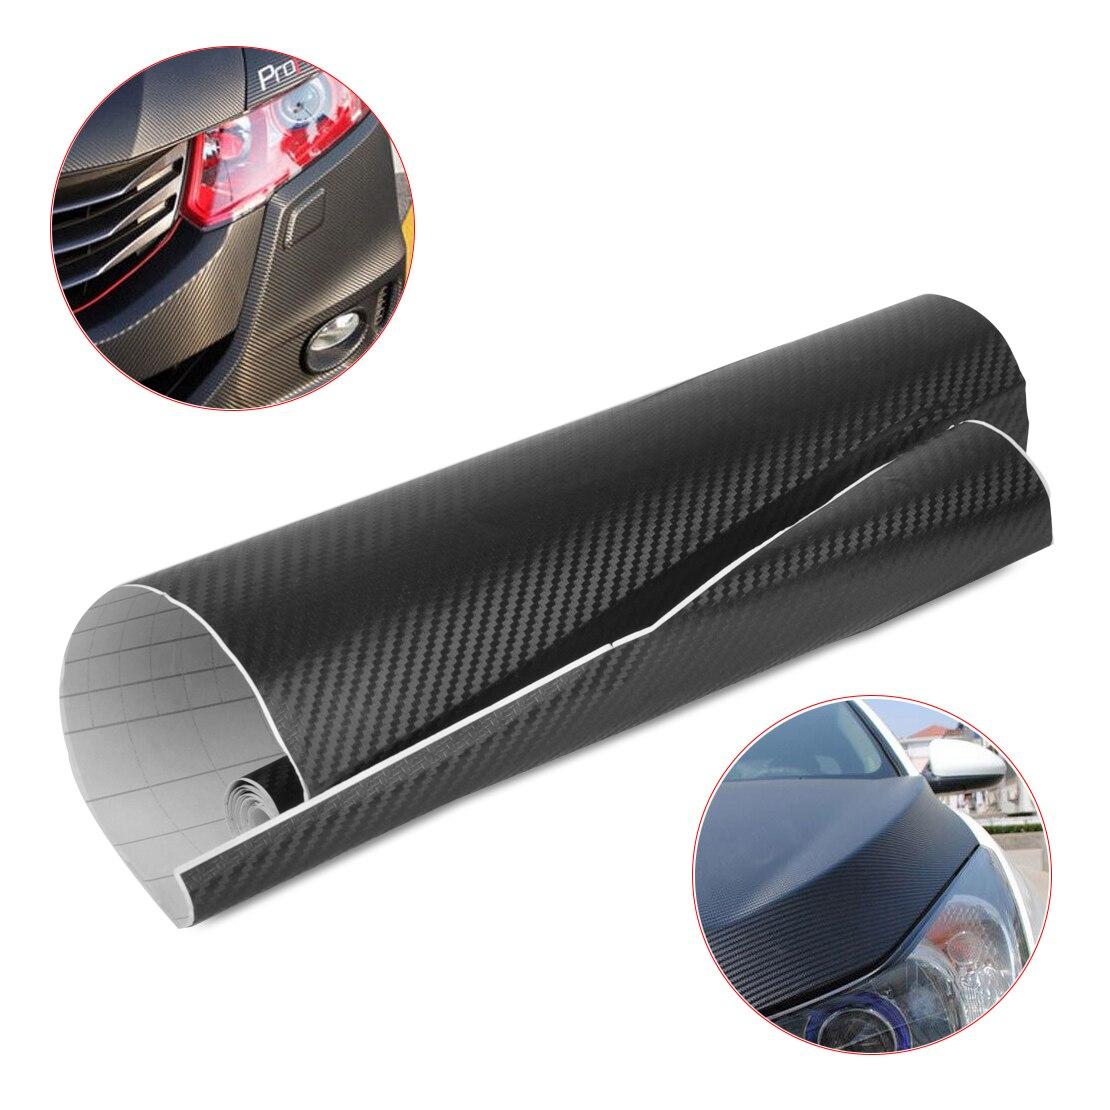 Dwcx 127x30 cm de fibra carbono 3d carro auto envoltório preto adesivo filme decalque rolo acessórios diy decoração para vw ford audi peugeot kia